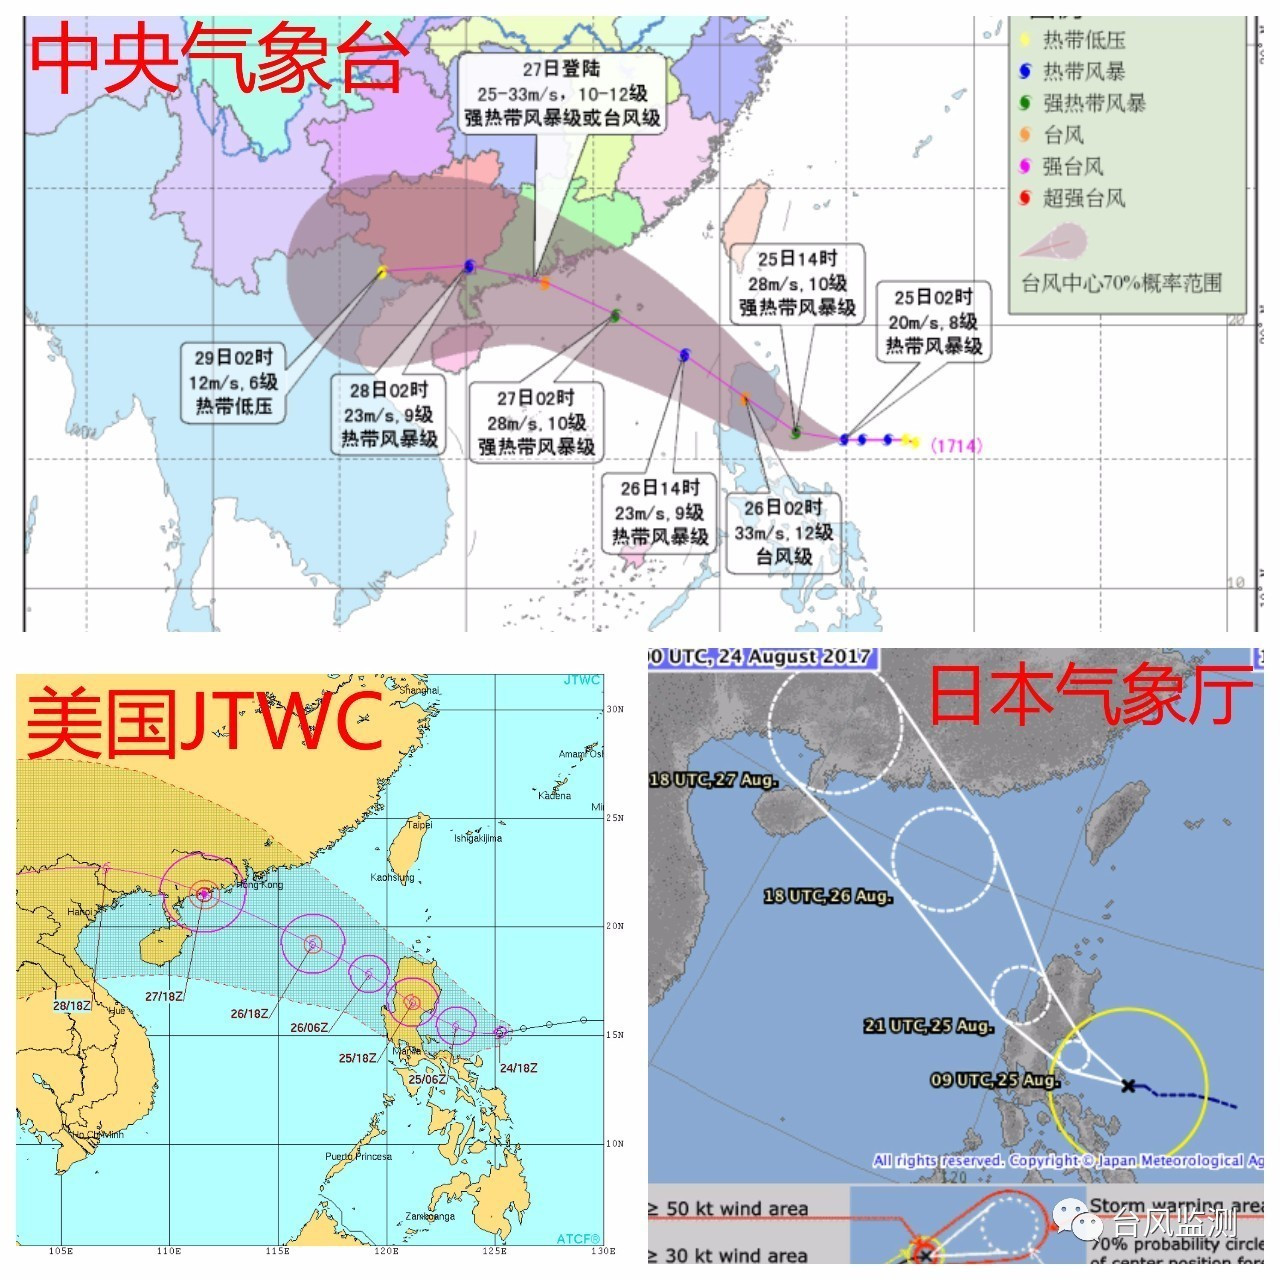 14号台风 帕卡 已生成,27日前后登陆广东 未来顺德天气让人崩溃